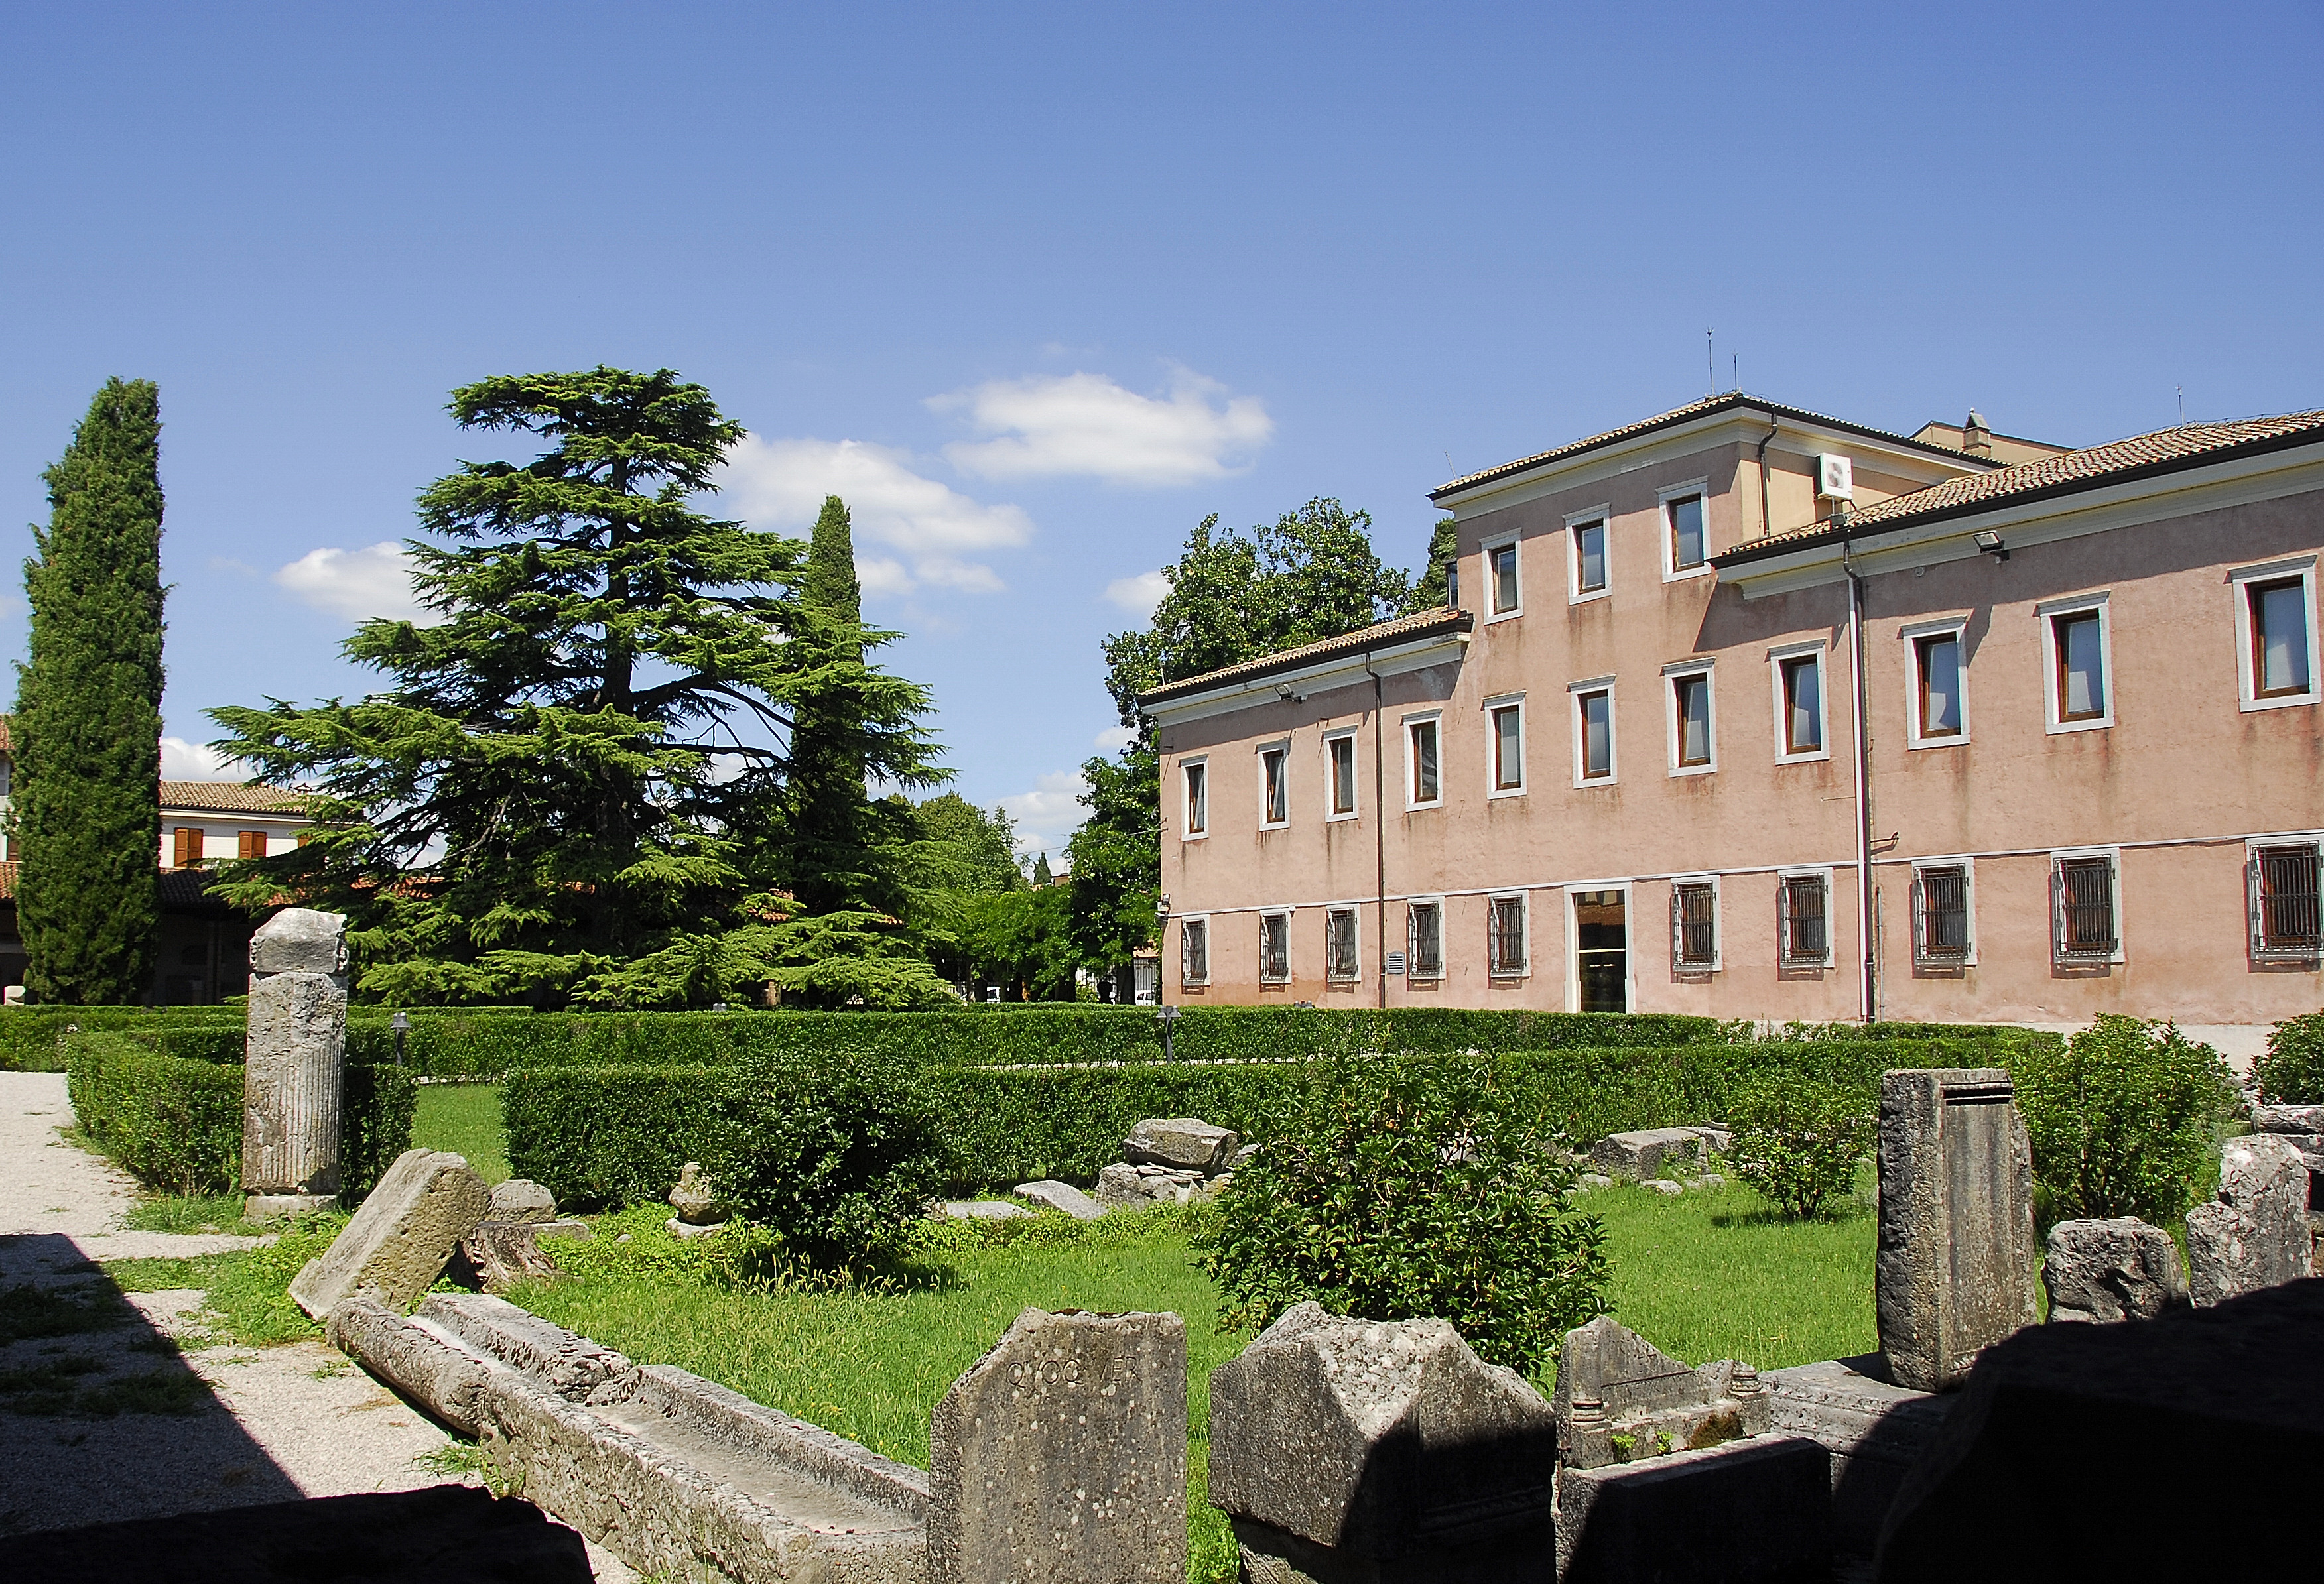 Museo Archeologico Nazionale.Museo Archeologico Nazionale Di Aquileia Wikipedia